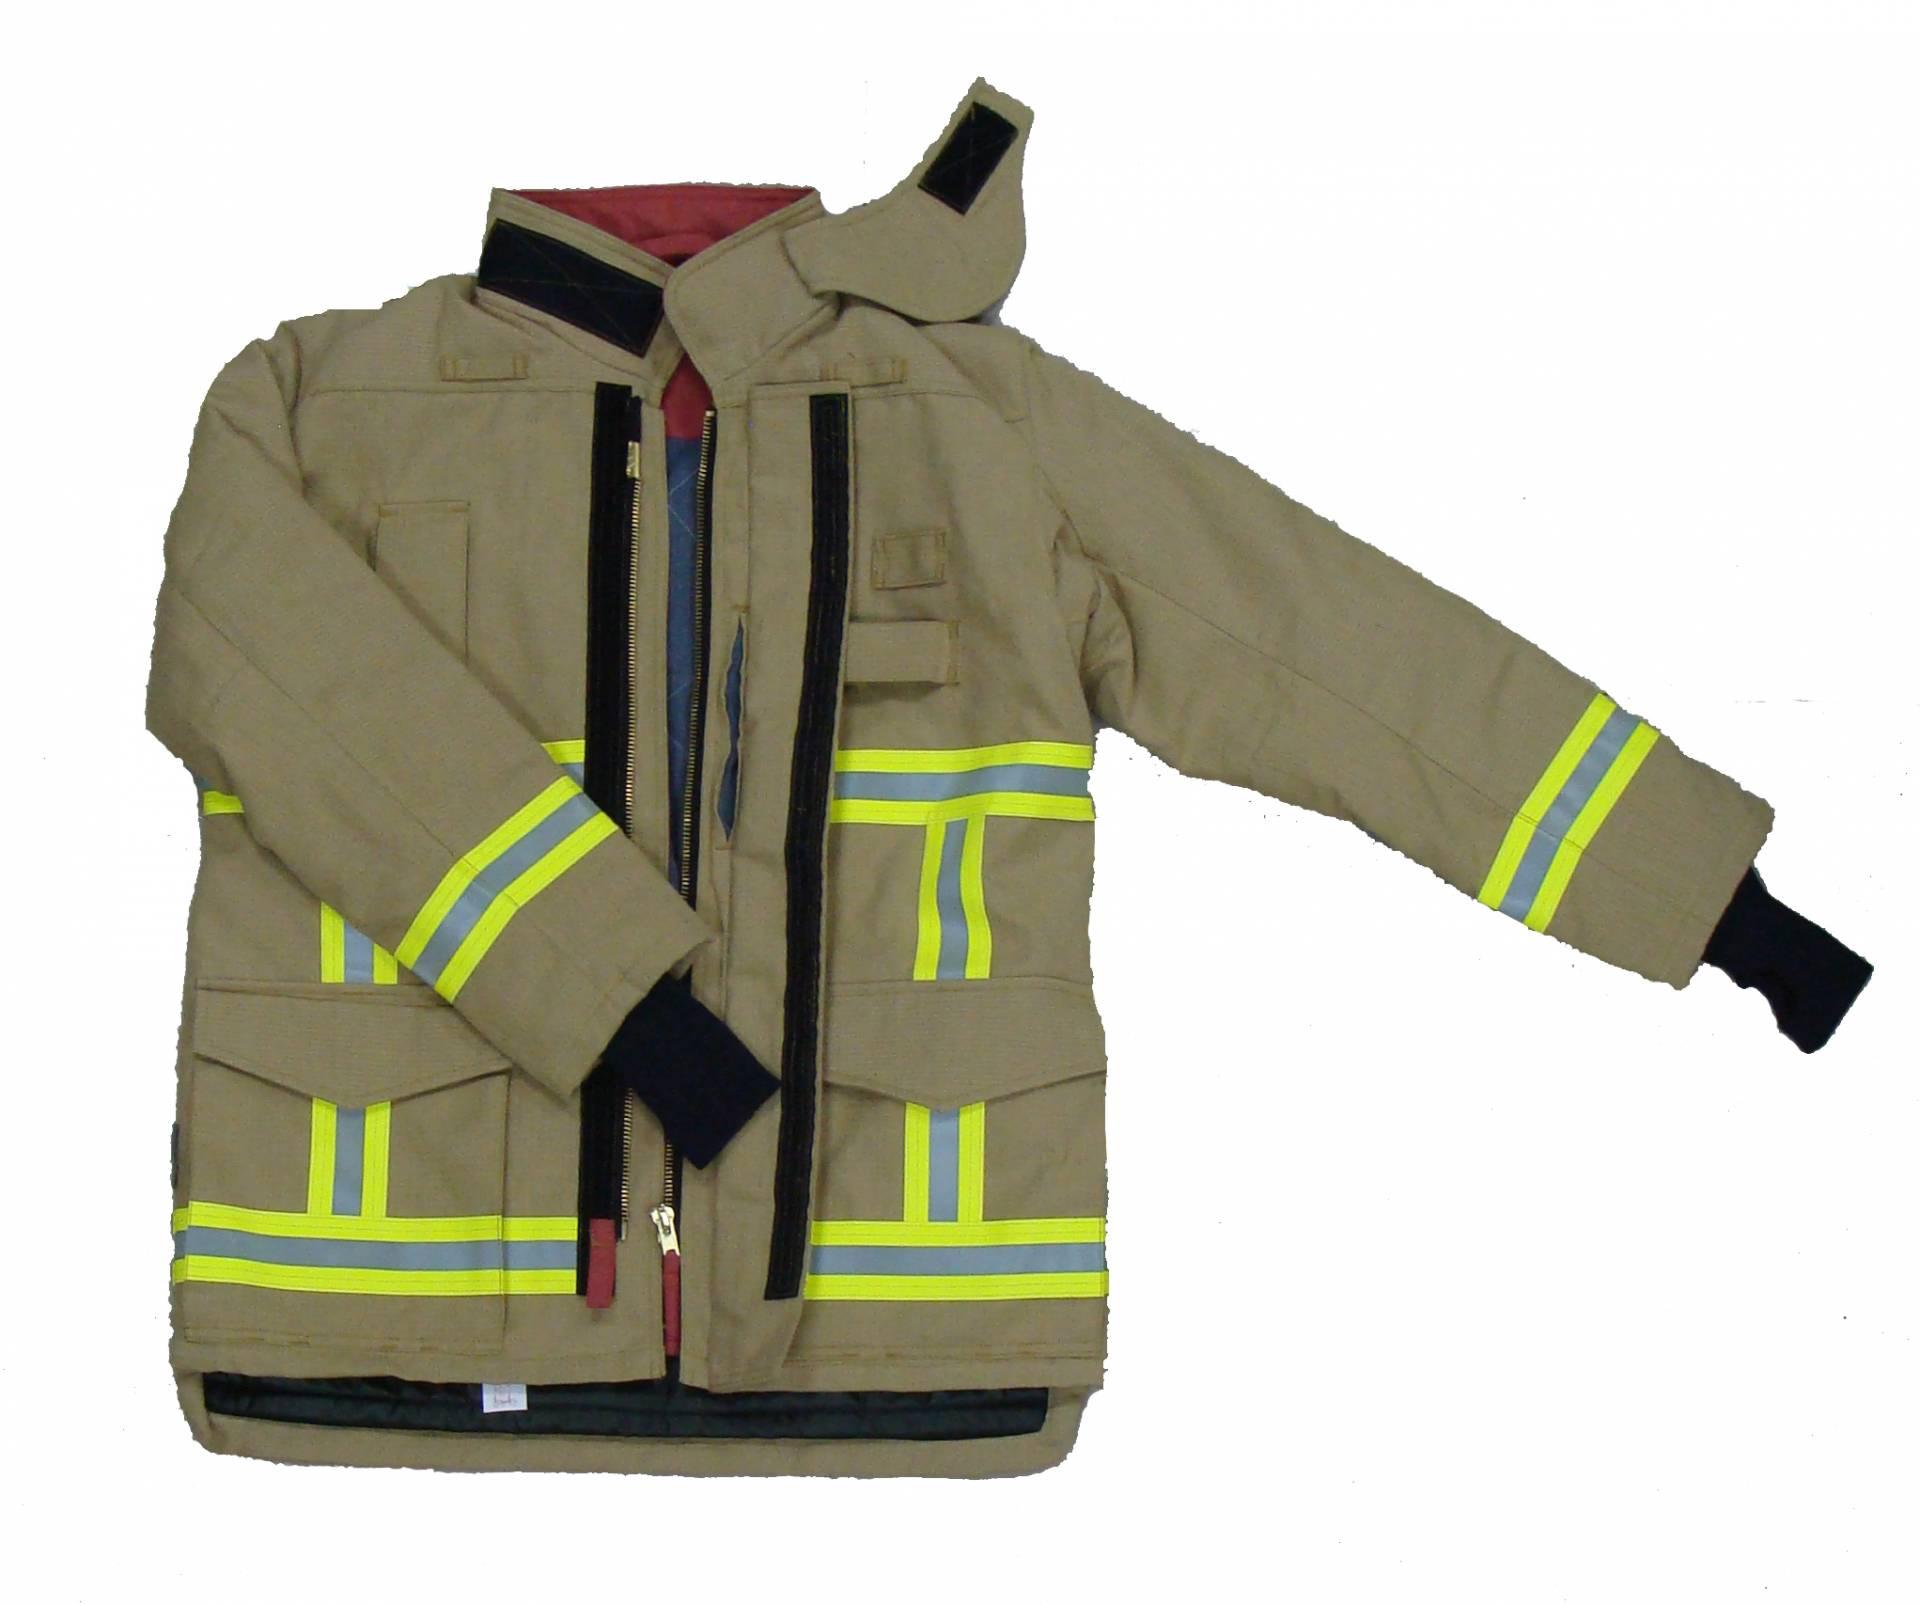 کت و شلوار آتش نشانی پریمیوم 701-G اروپایی ، EN469 سطح 2 ، گواهی CE ، وظیفه سنگین برای محافظت از آتش نشانان